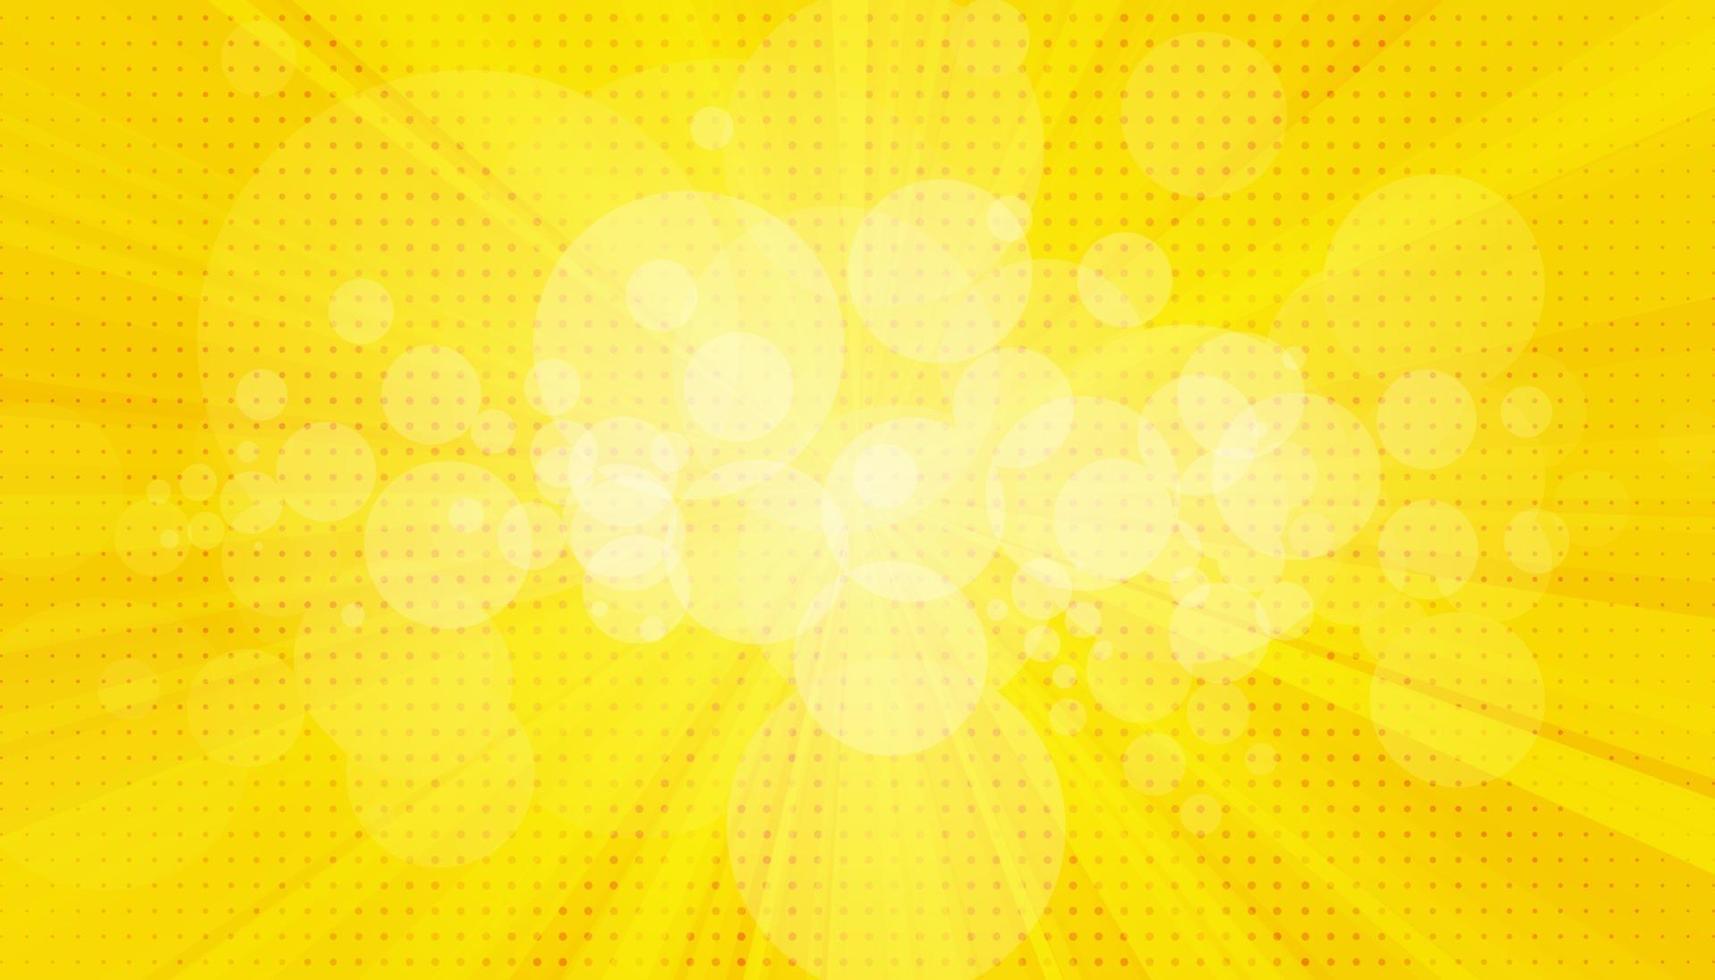 fond de pop art. fond pointillé rétro. illustration vectorielle. pop art jaune demi-teinte vecteur